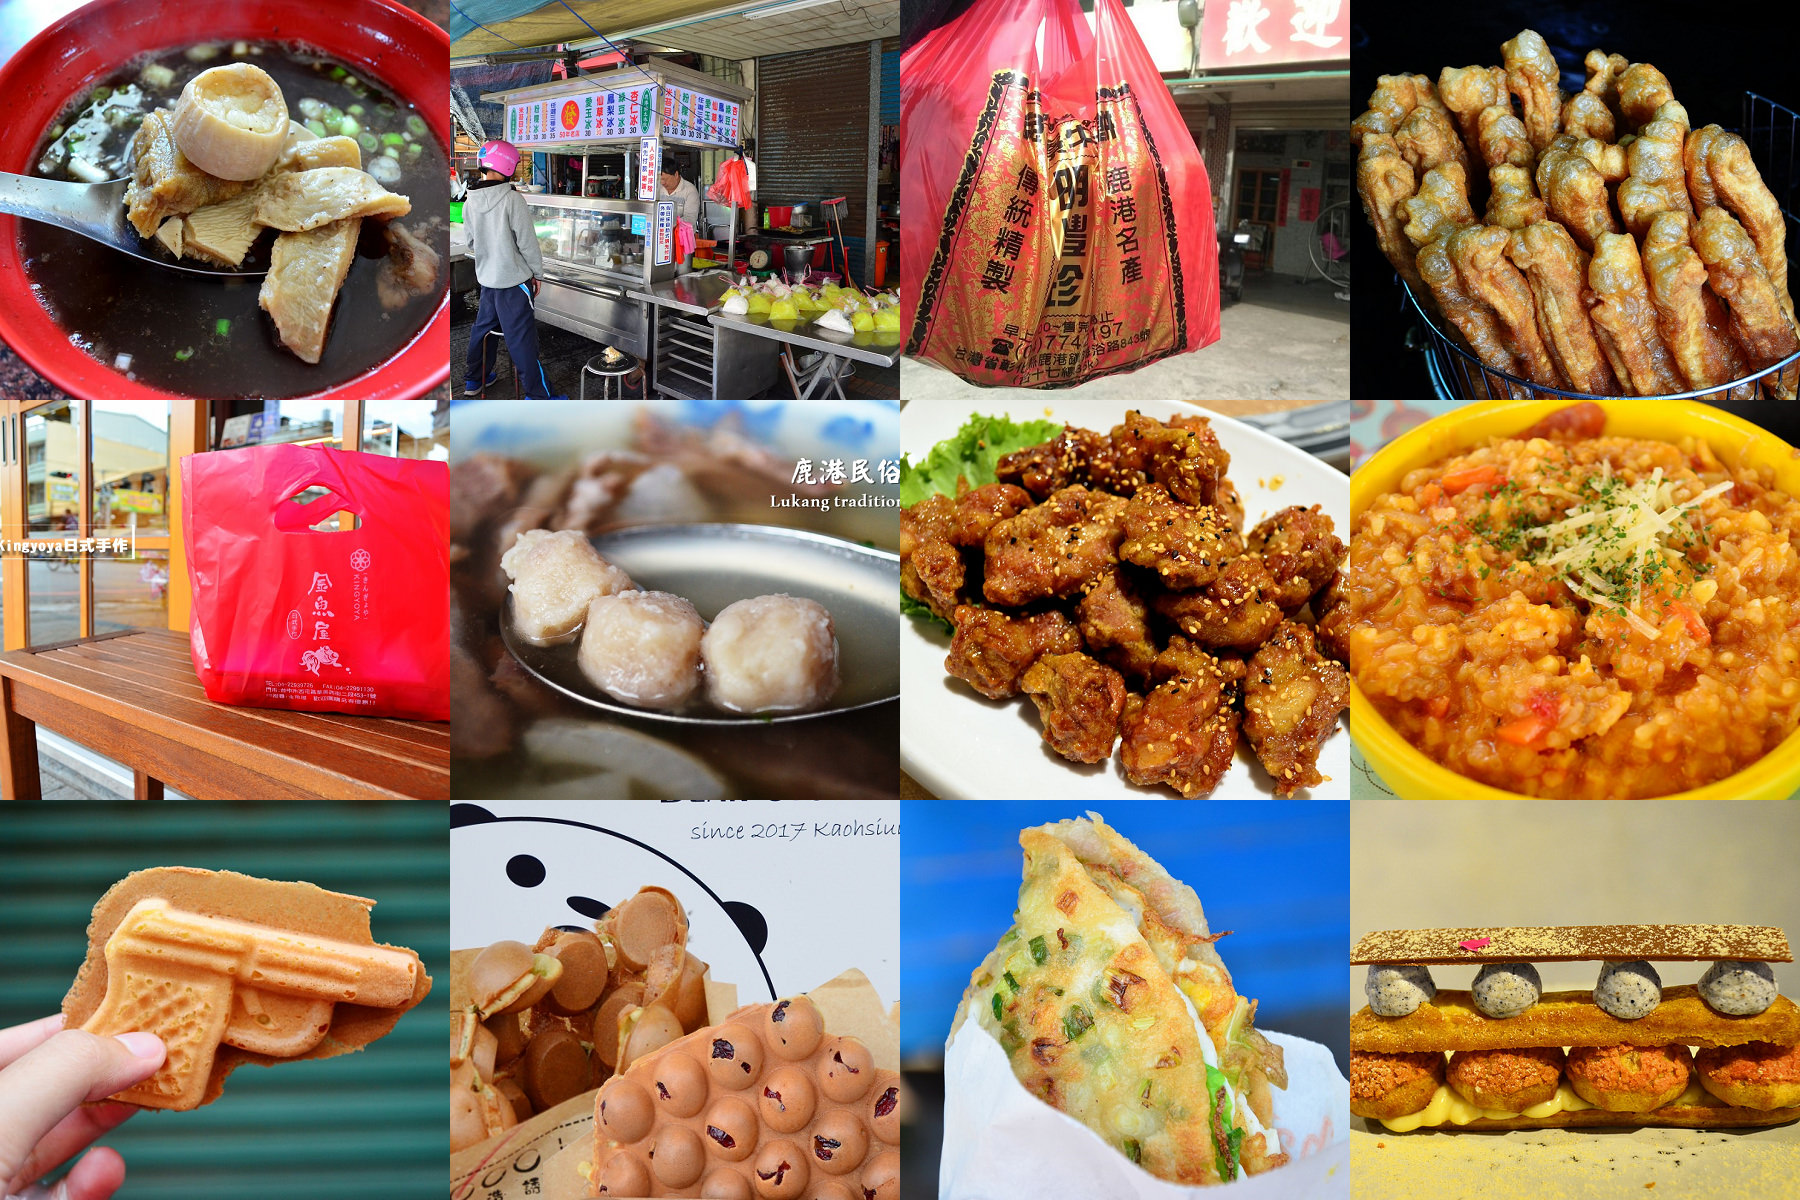 鹿港美食懶人包│這些鹿港美食、小吃、餐廳,你都吃過了嗎?